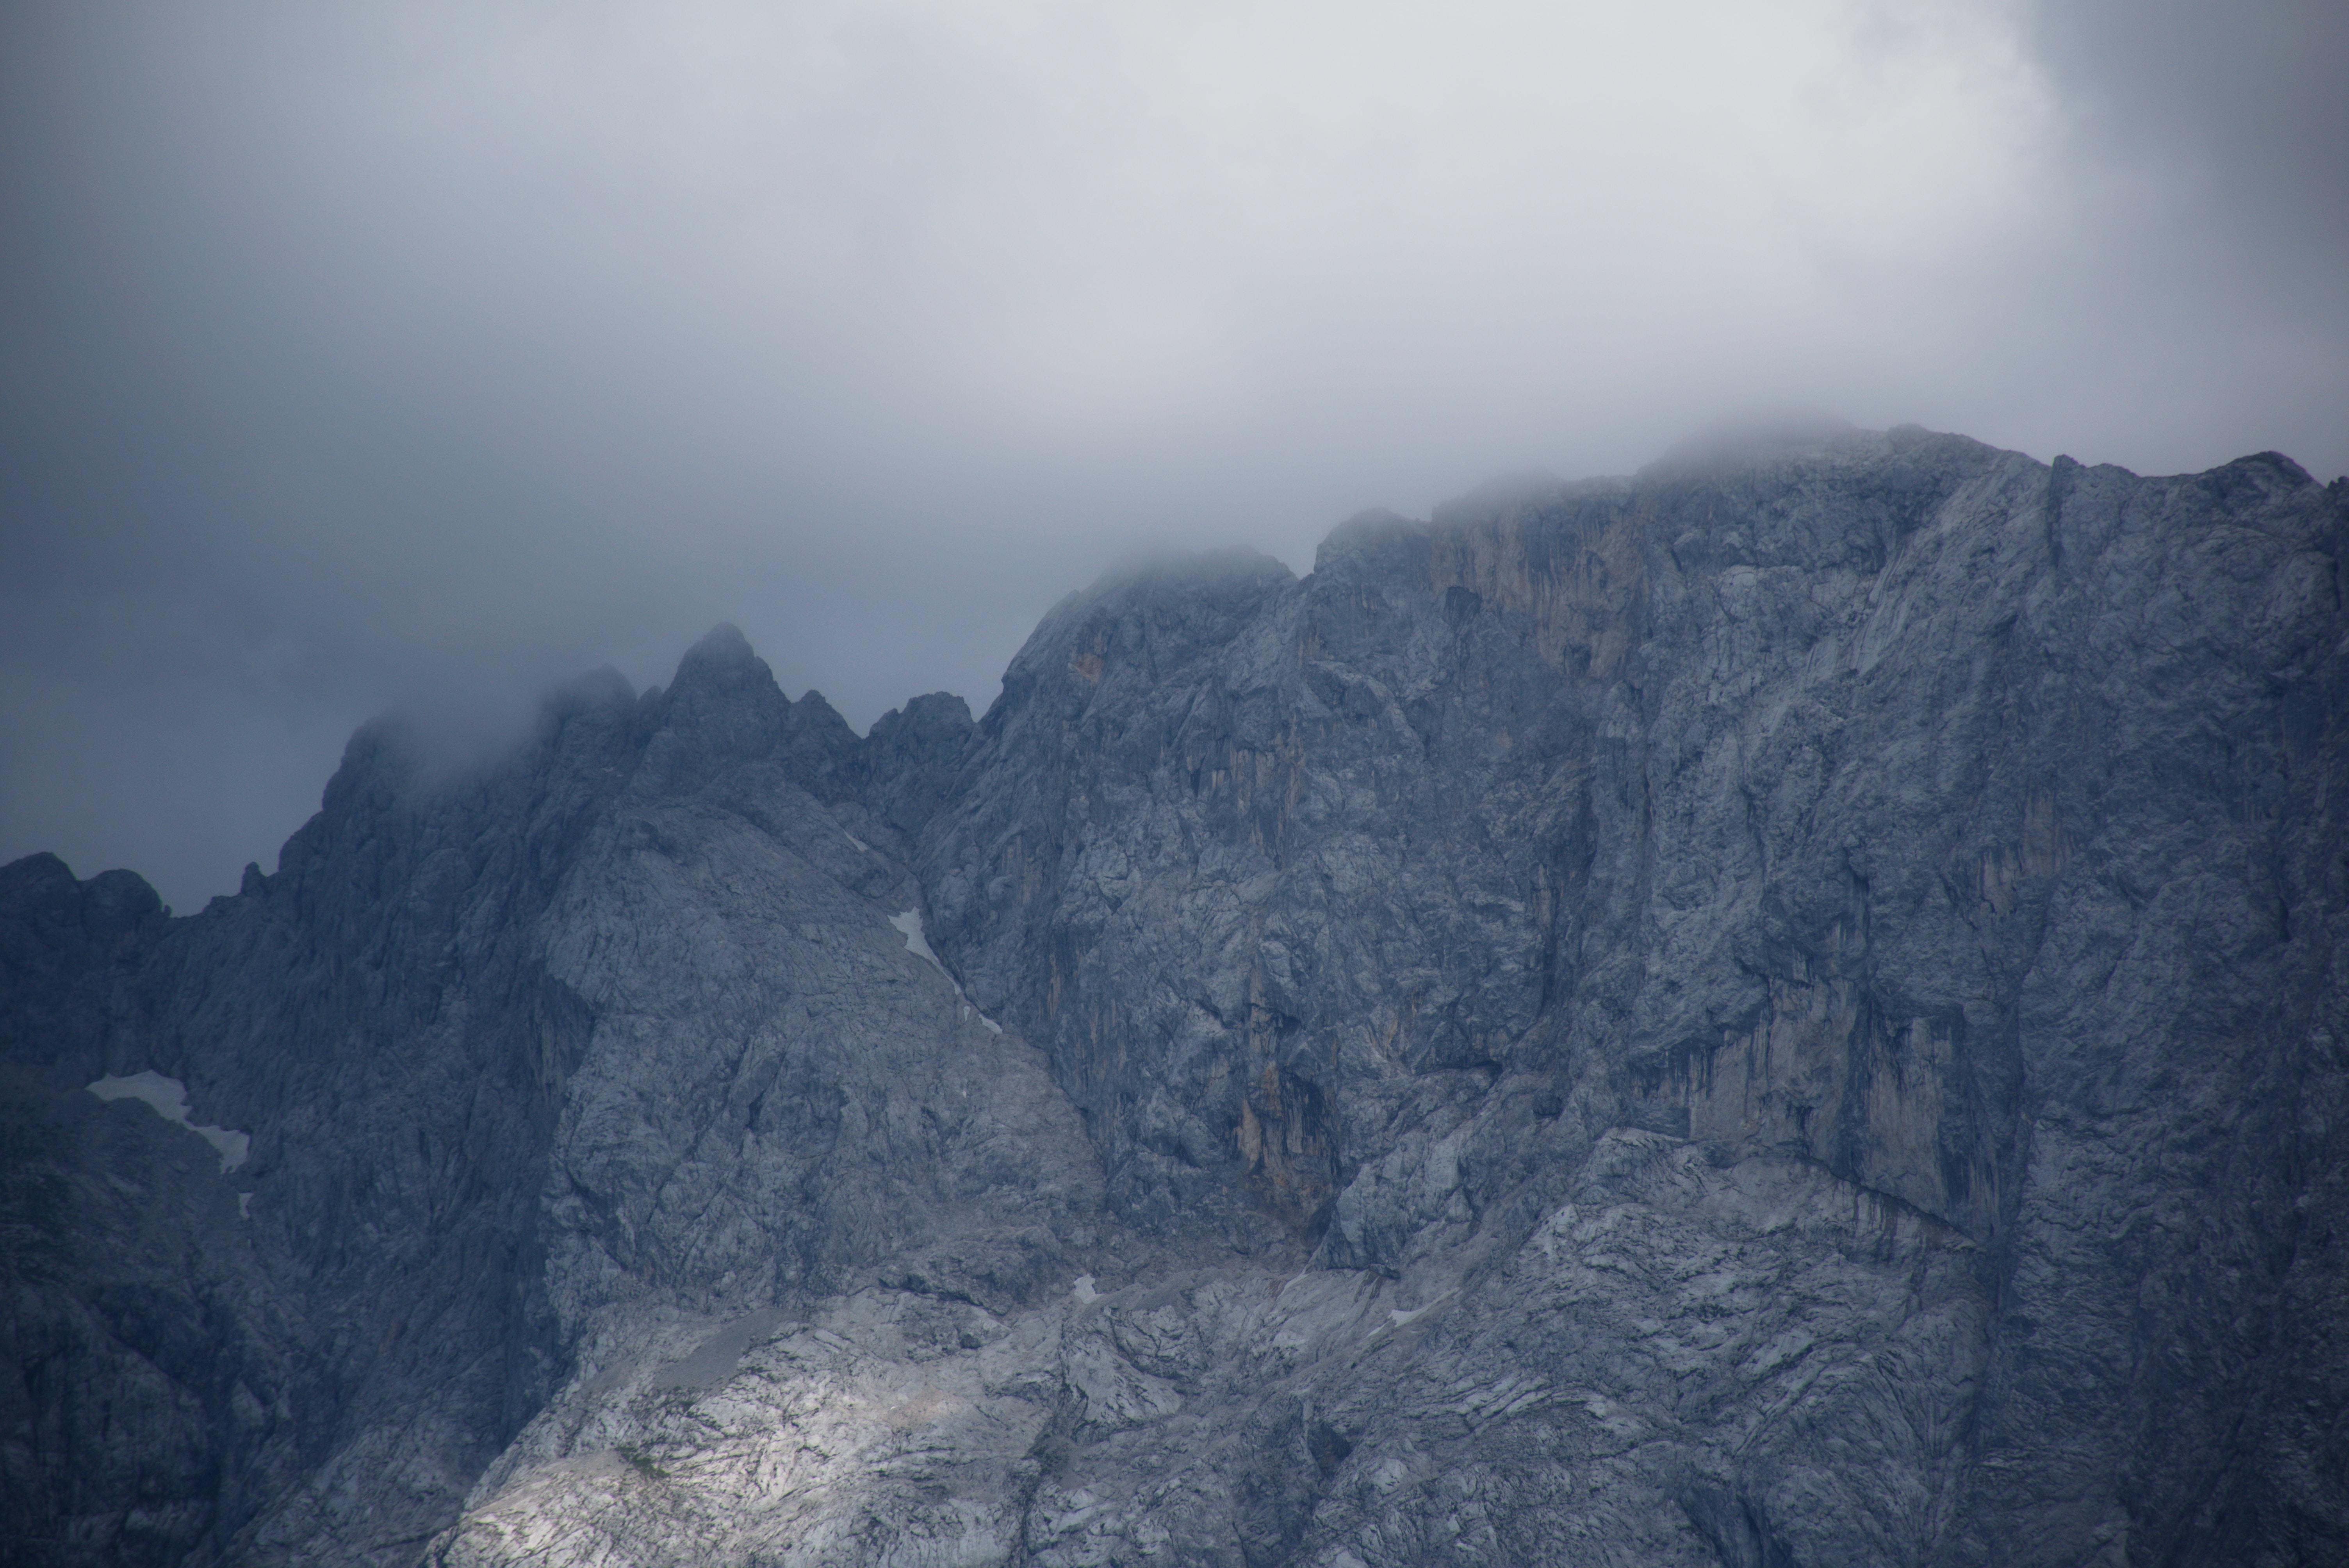 Gray rocky mountainside in Eibsee